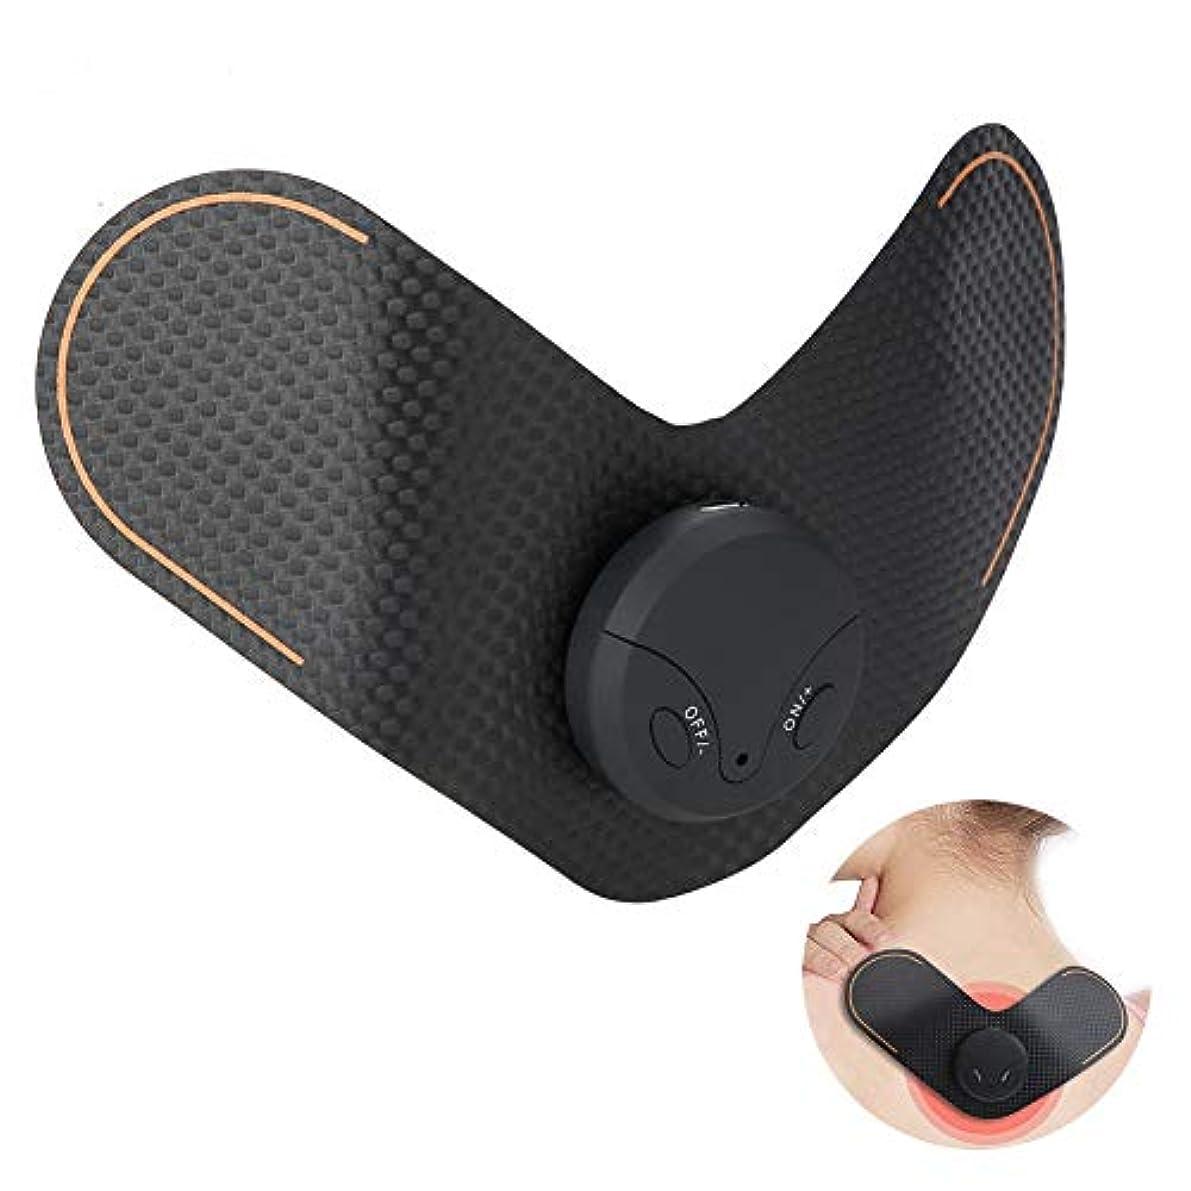 膨らませる維持する口頭ポータブルミニネックマッサージャー 多機能 ワイヤレス ユニット電気マッサージデバイスUSB充電ショルダーネックマッサージャー